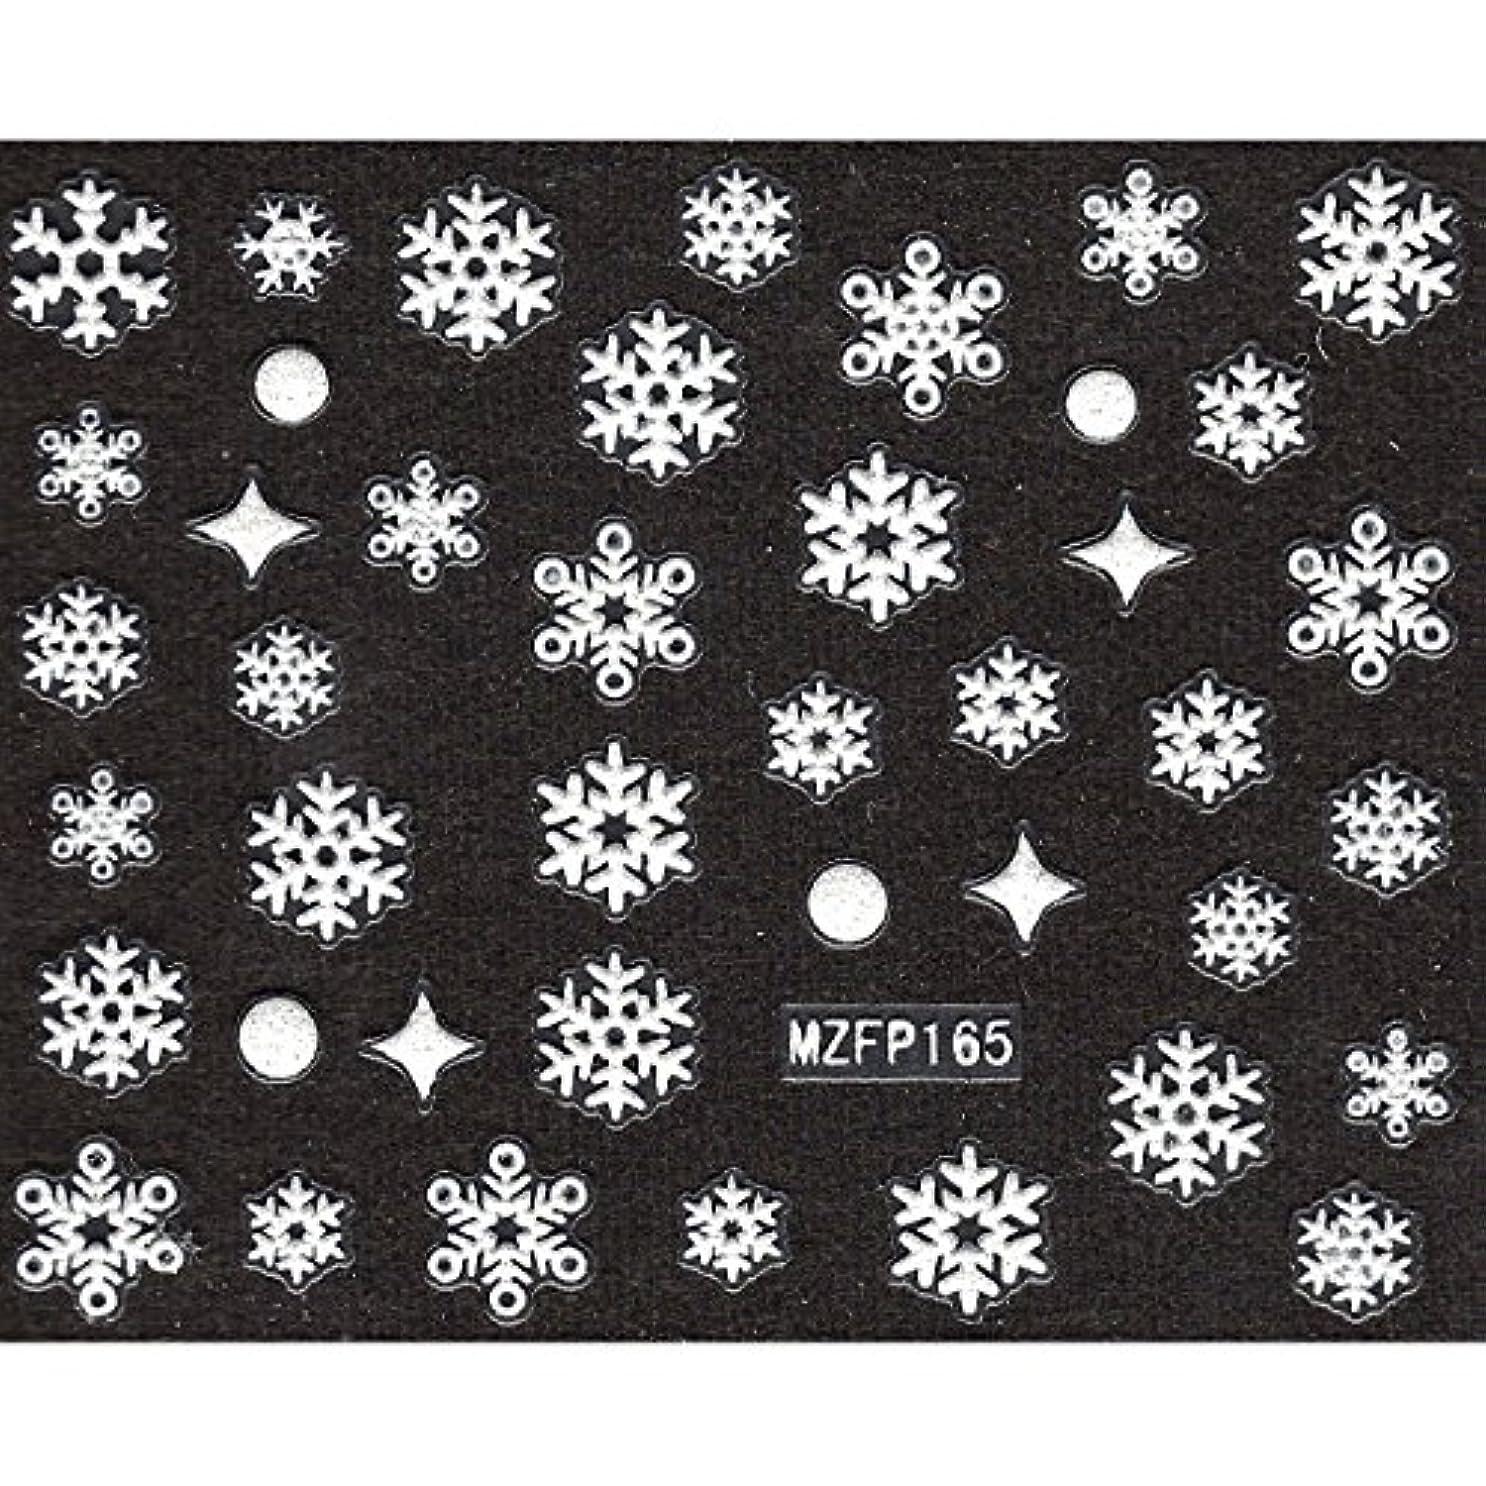 価値のない冷笑する視聴者ネイルシール 雪の結晶 選べる24種類 (Sb-01)